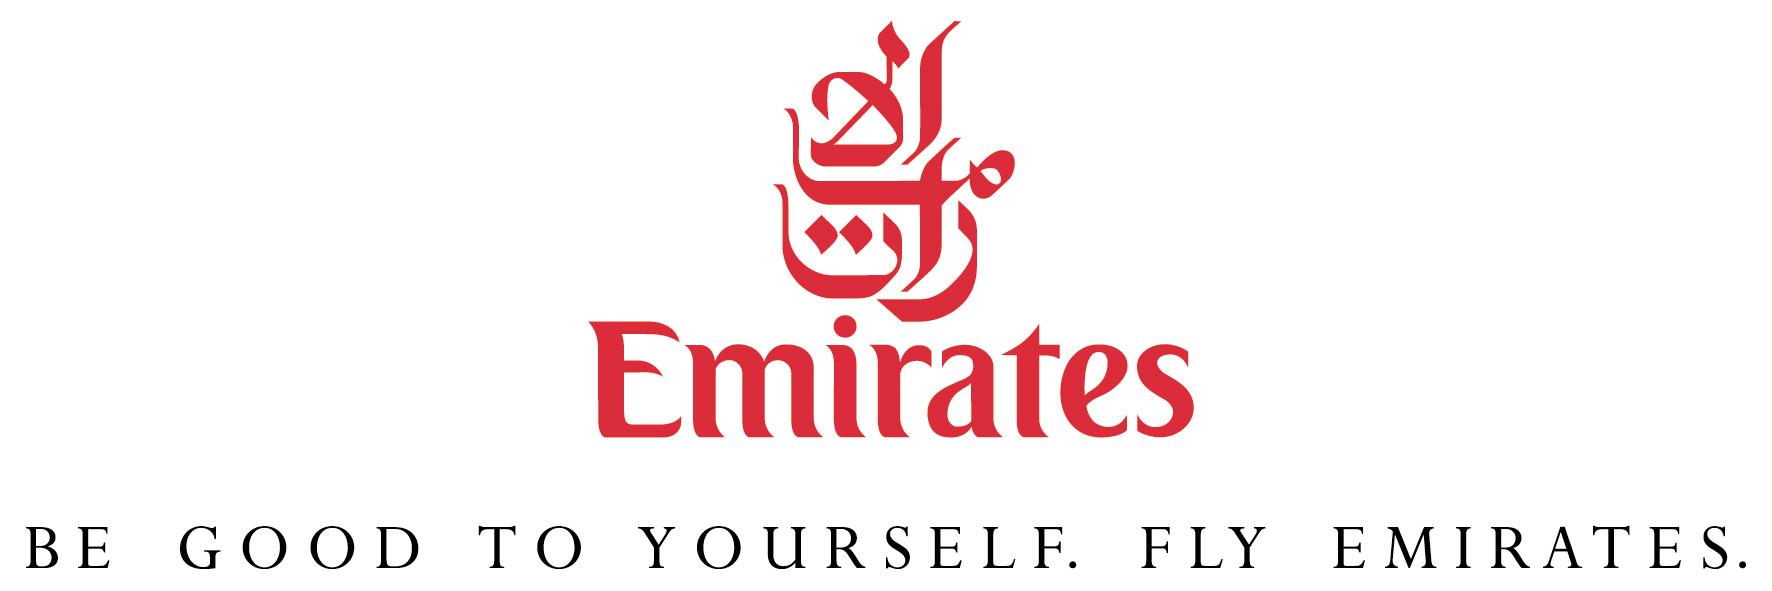 Emirates LogoEmirates Airways Logo